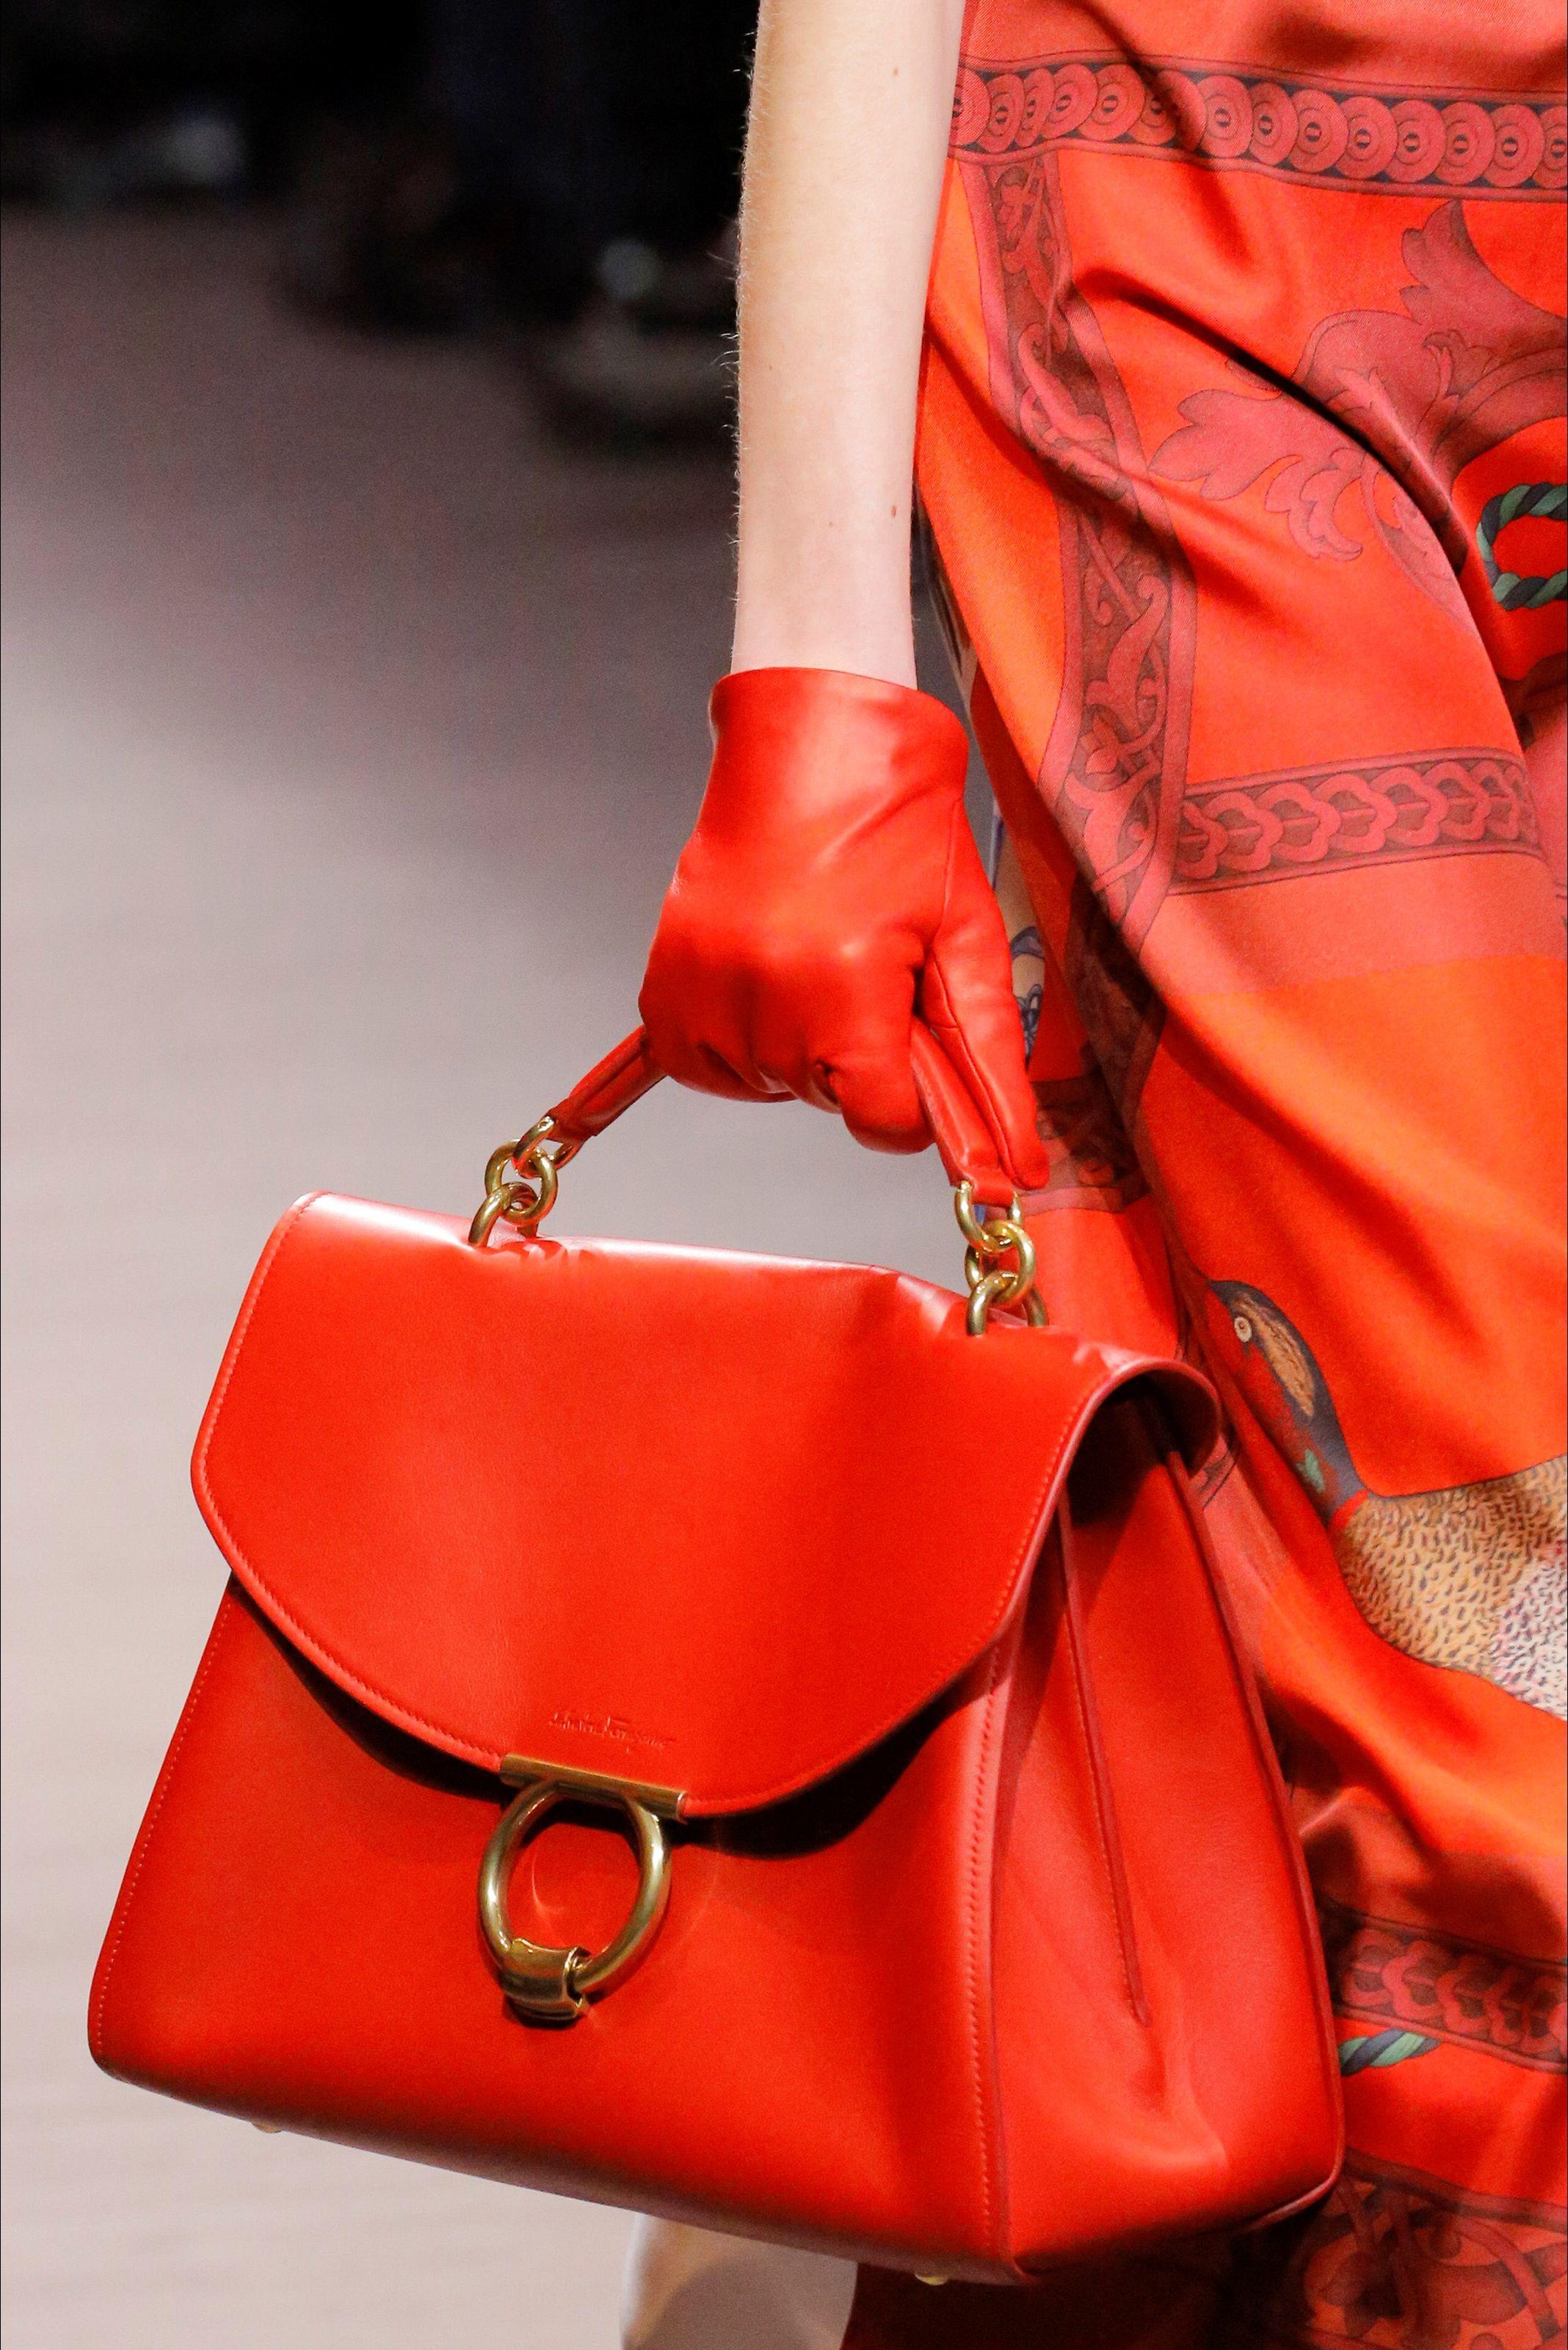 Guarda la sfilata di moda Salvatore Ferragamo a Milano e scopri la  collezione di abiti e accessori per la stagione Collezioni Autunno Inverno  2018-19. 4c73ddc99e0